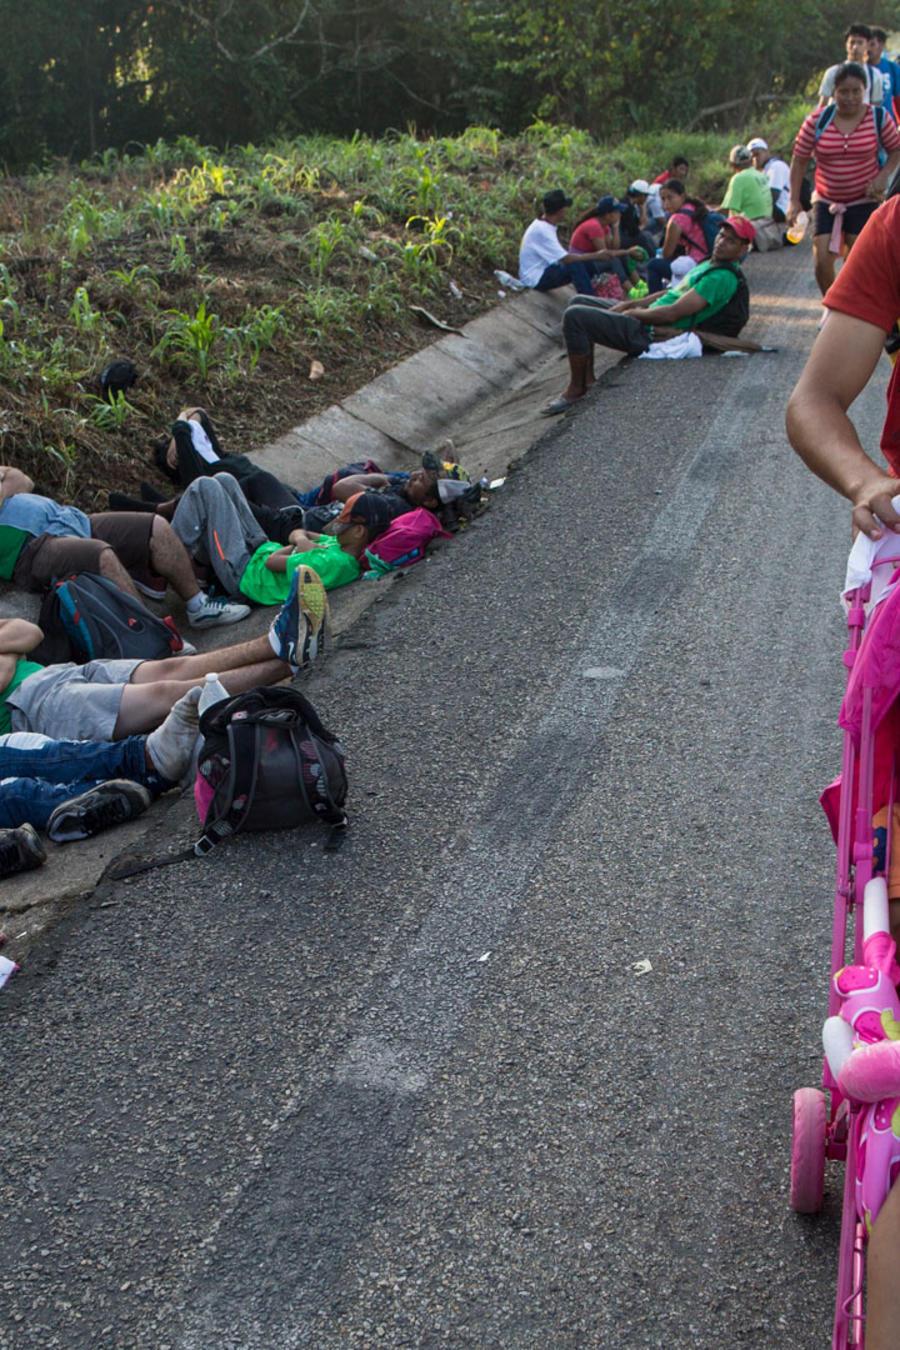 Caravana migrante en las carreteras de Chiapas